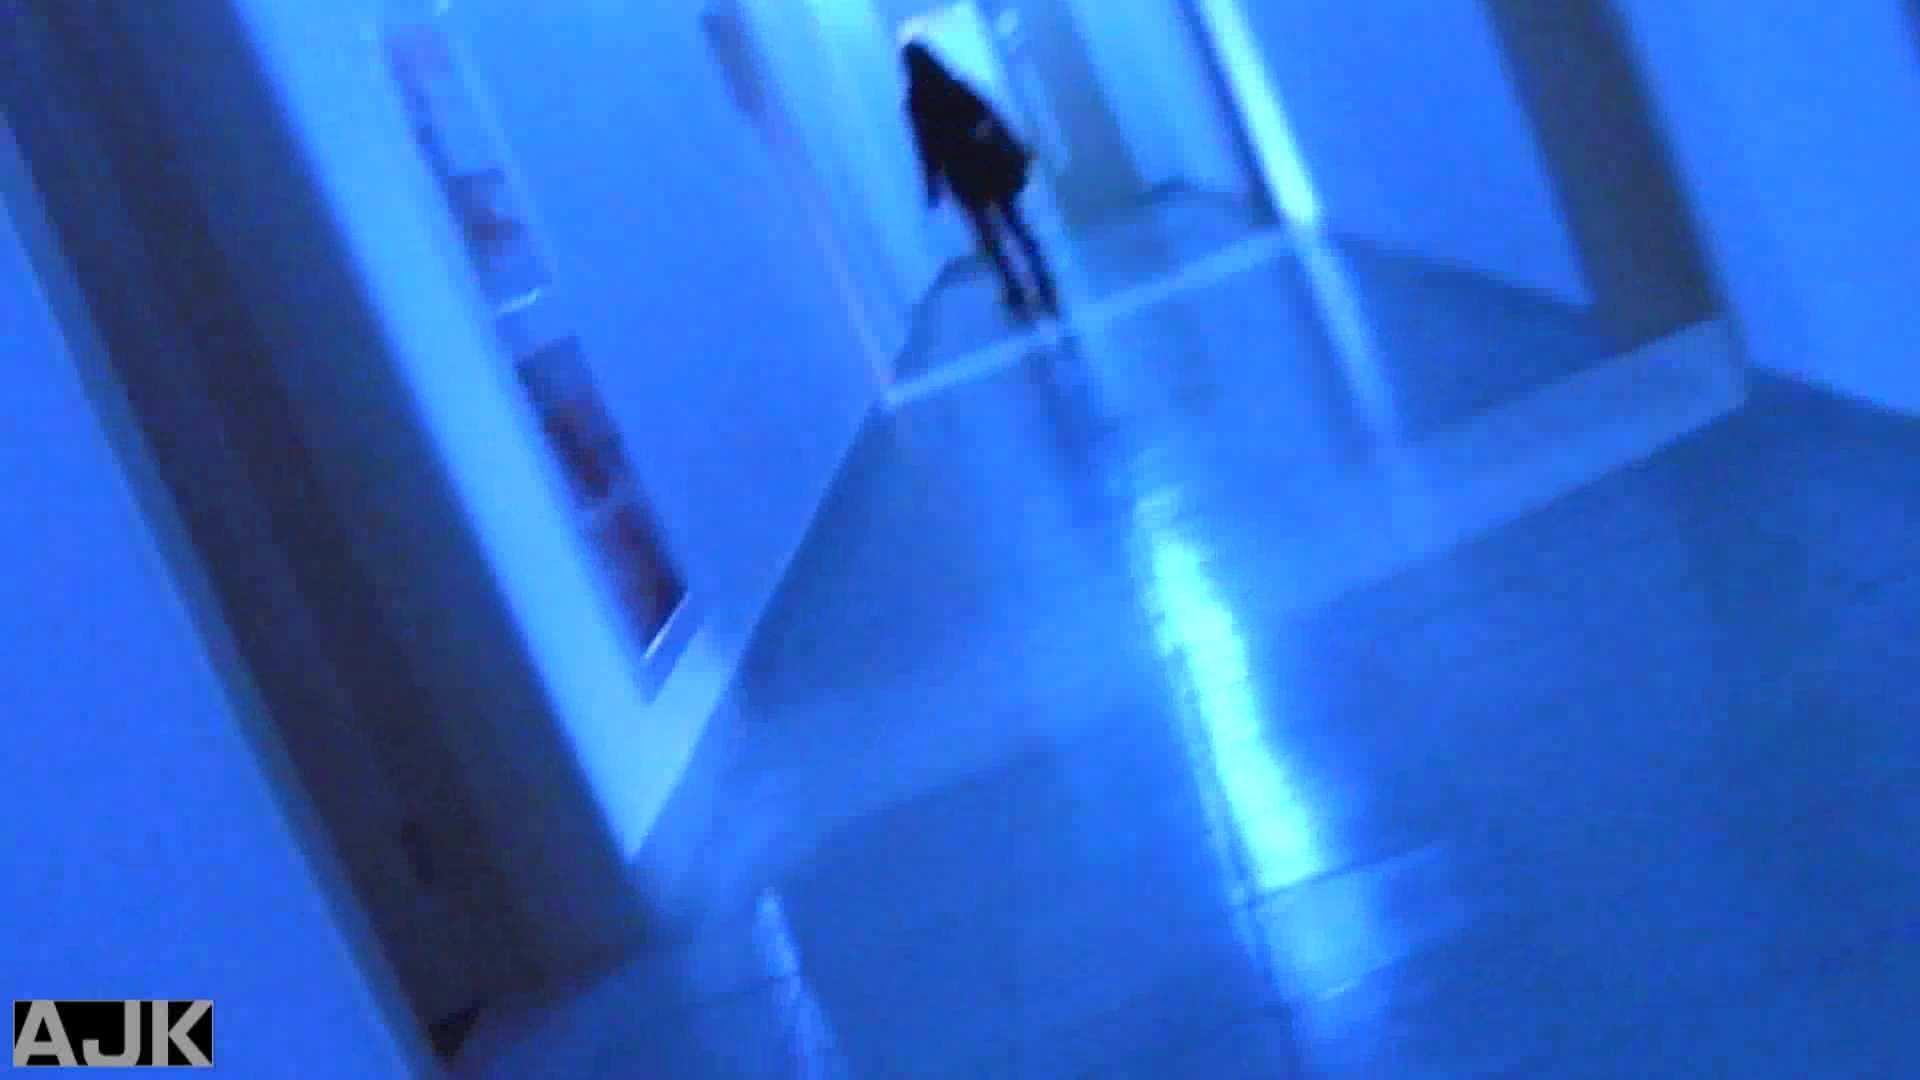 神降臨!史上最強の潜入かわや! vol.07 潜入突撃 セックス無修正動画無料 94pic 74